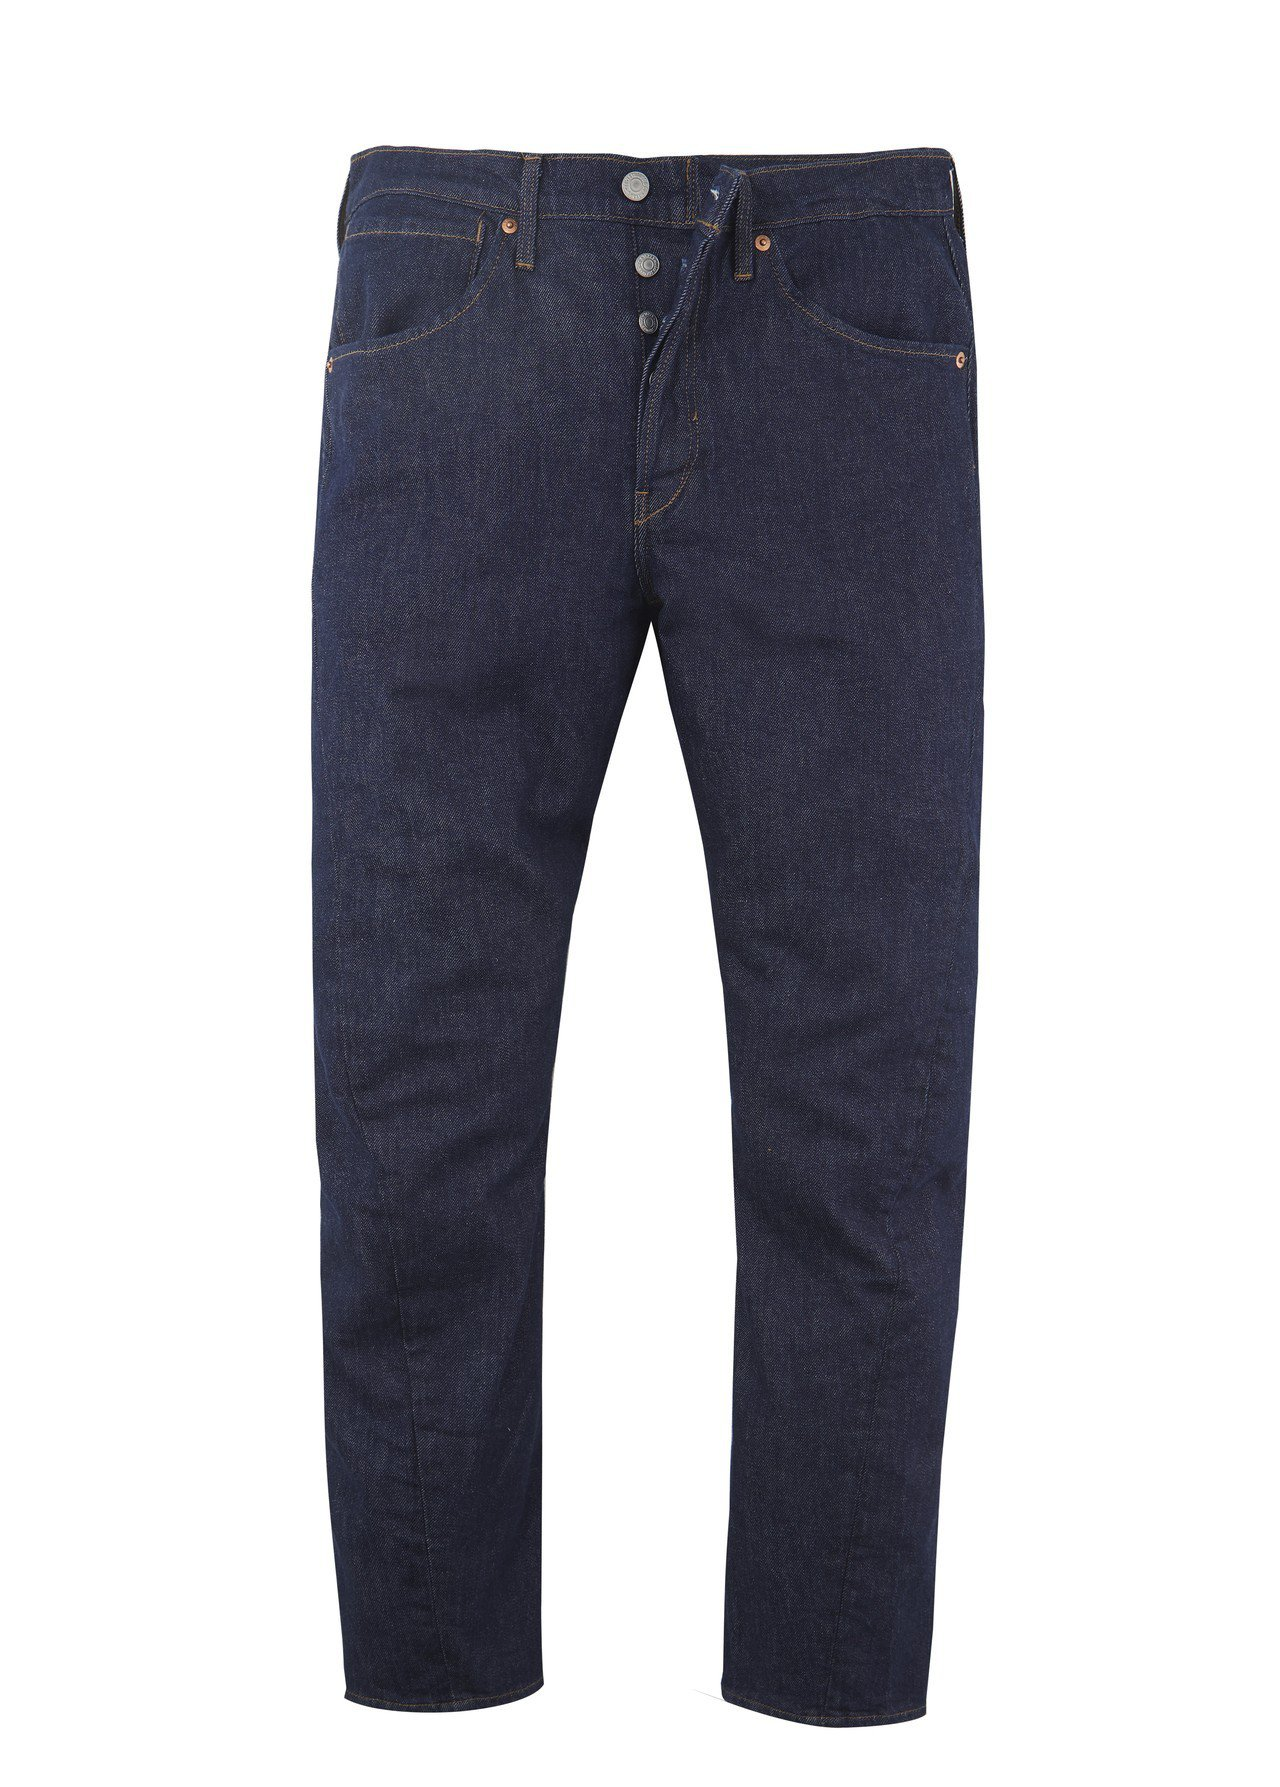 木村廣告款經典原色502褲款,4390元。圖/LEVIS提供